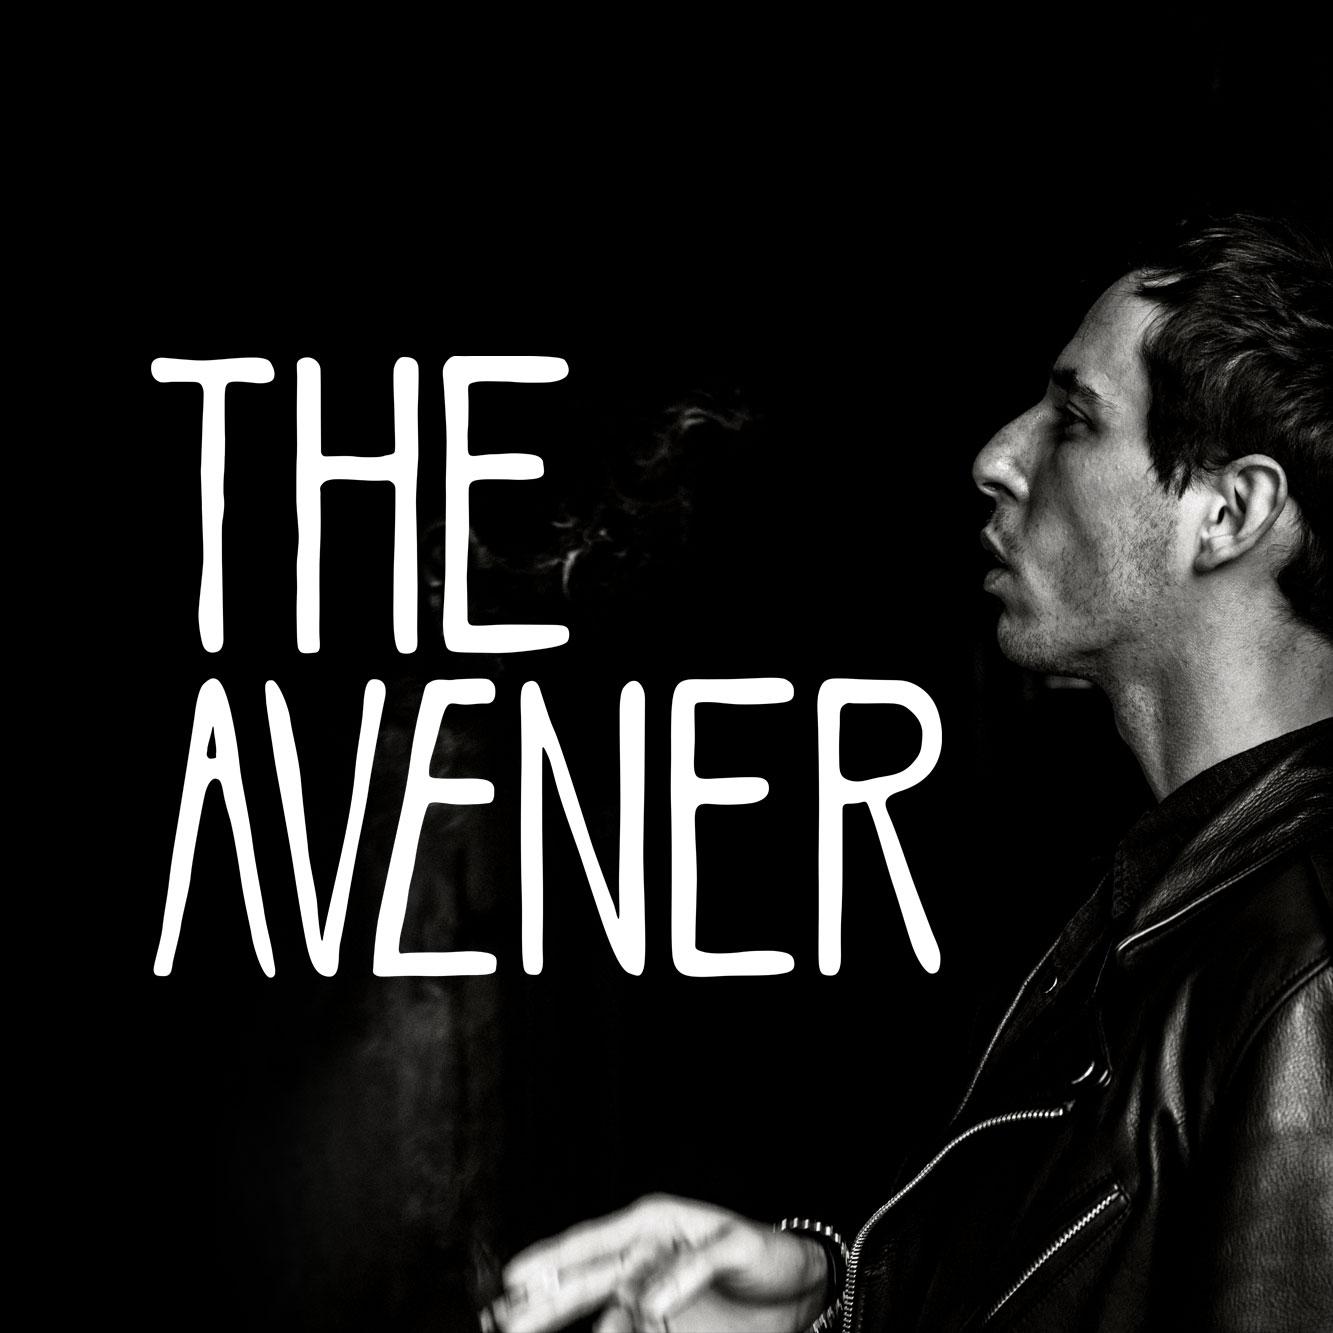 the avener album